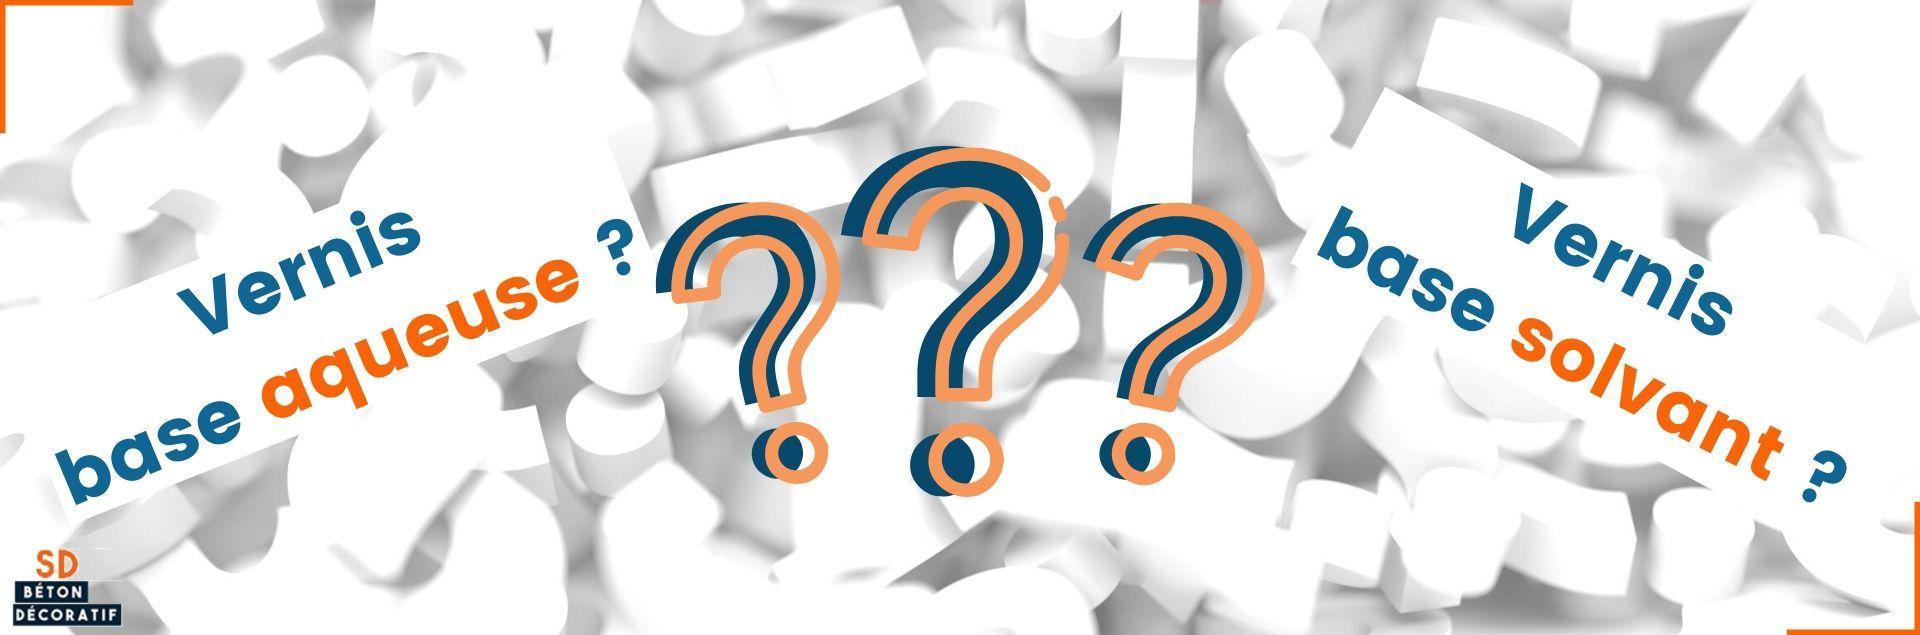 Les vernis : base aqueuse  ou solvant ?